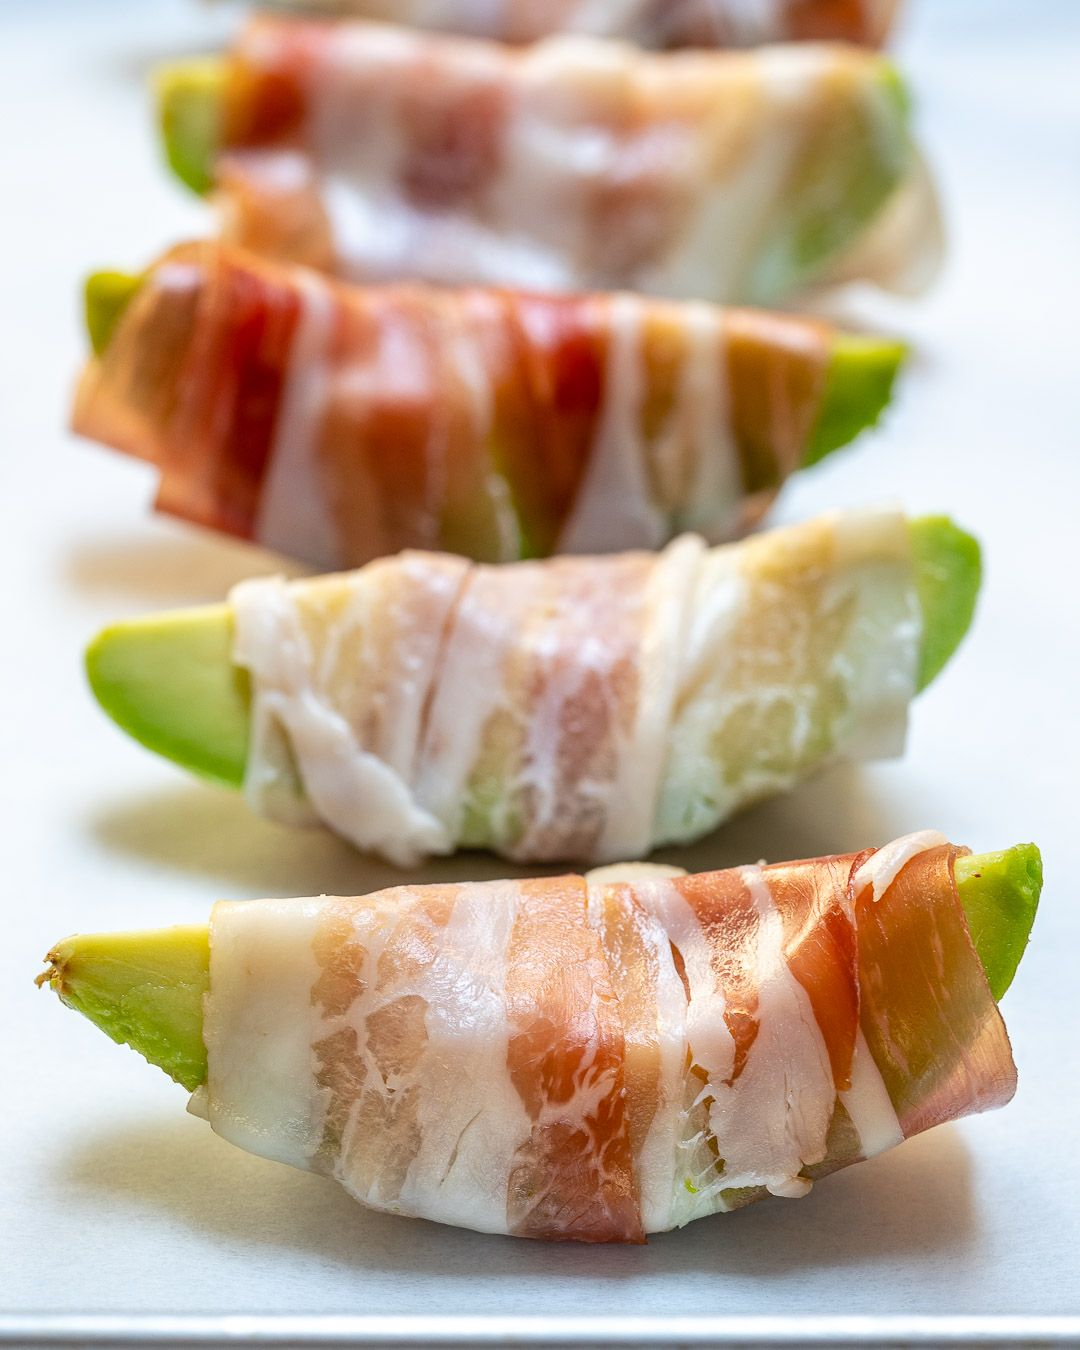 BACON WRAPPED AVOCADO FRIES #avocado #healthydiet #bacon #dietketo #kategonic